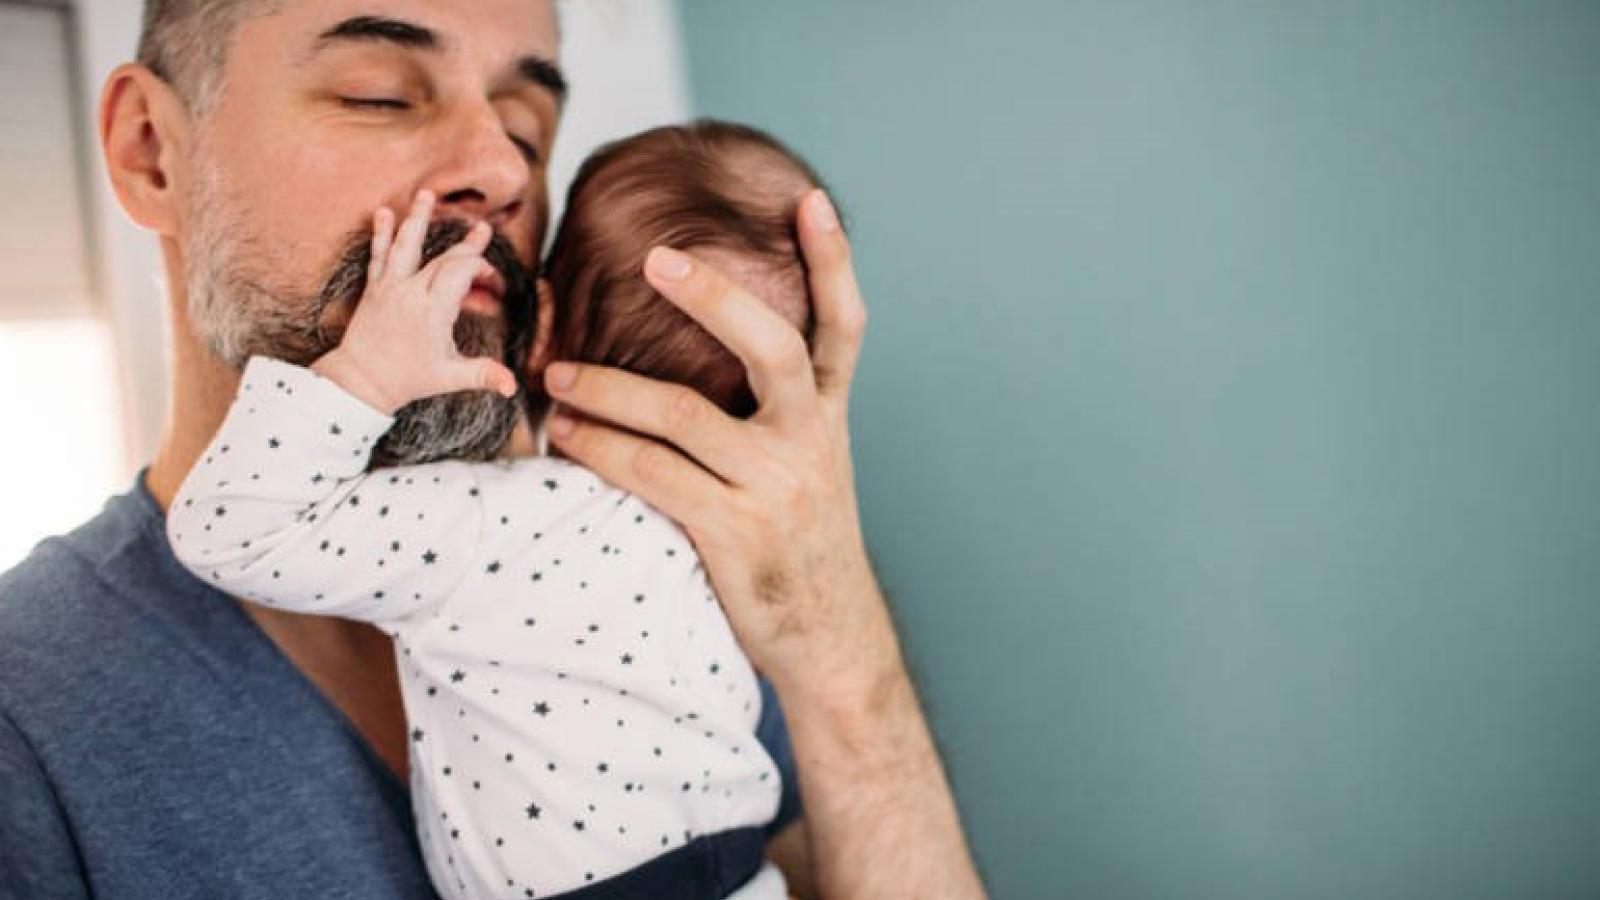 Tuổi của đàn ông cũng quyết định việc mang thai và sức khỏe của trẻ